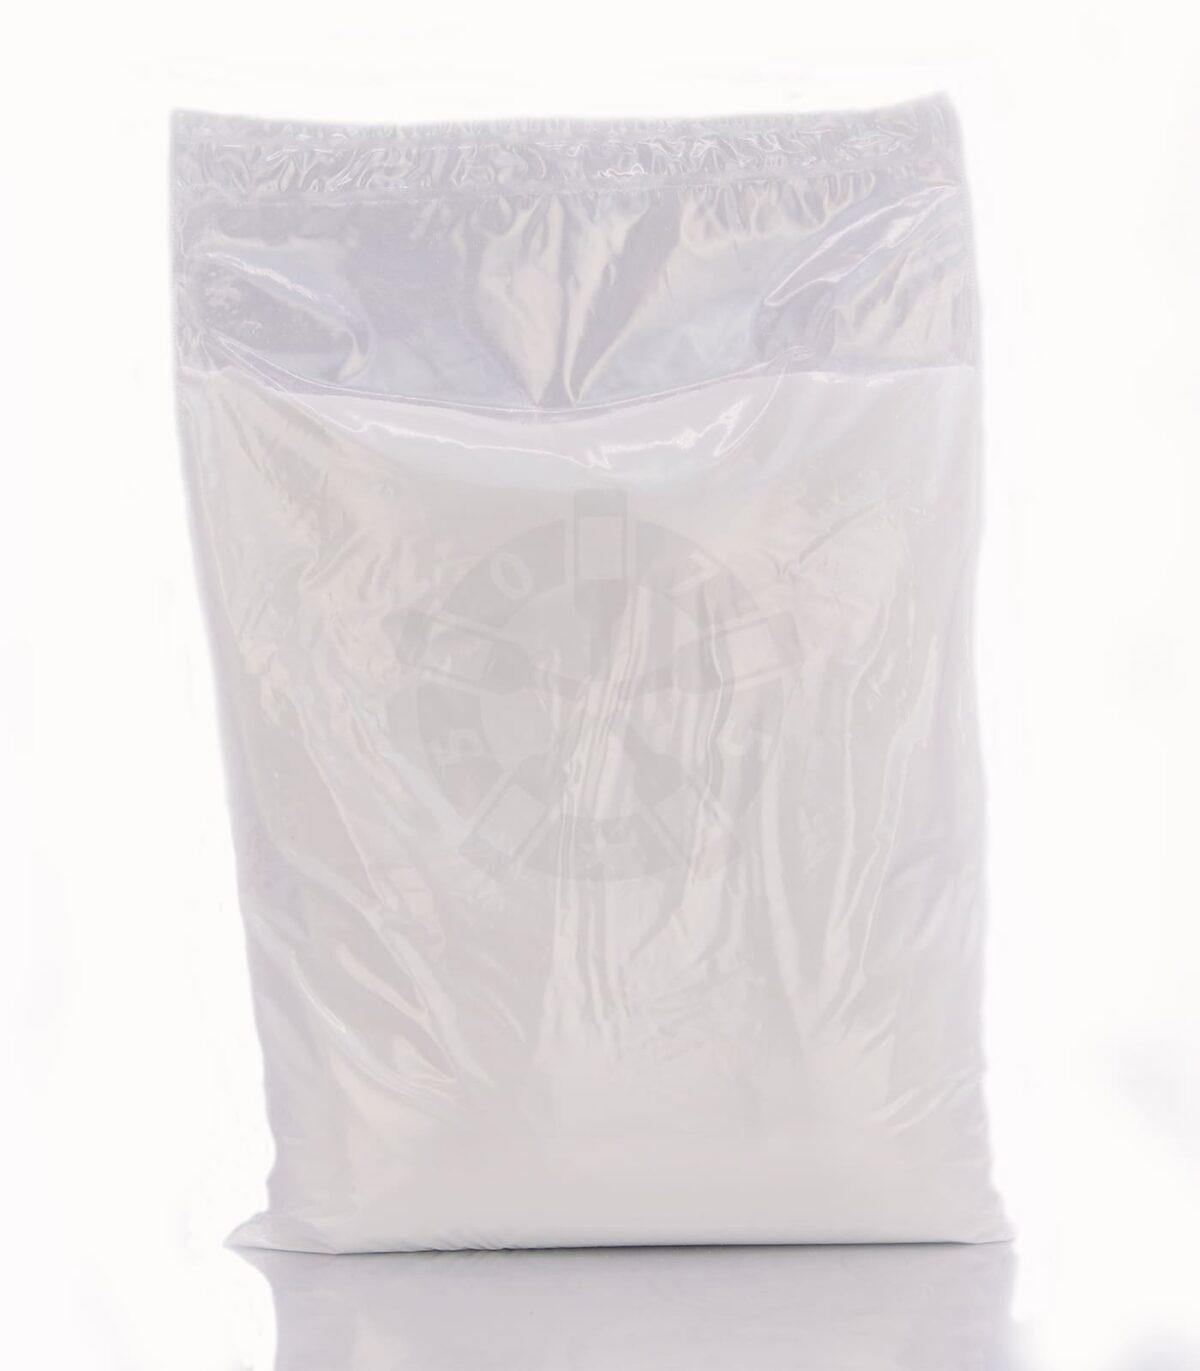 Декстроза (глюкоза кристаллическая гидратная) 1 кг